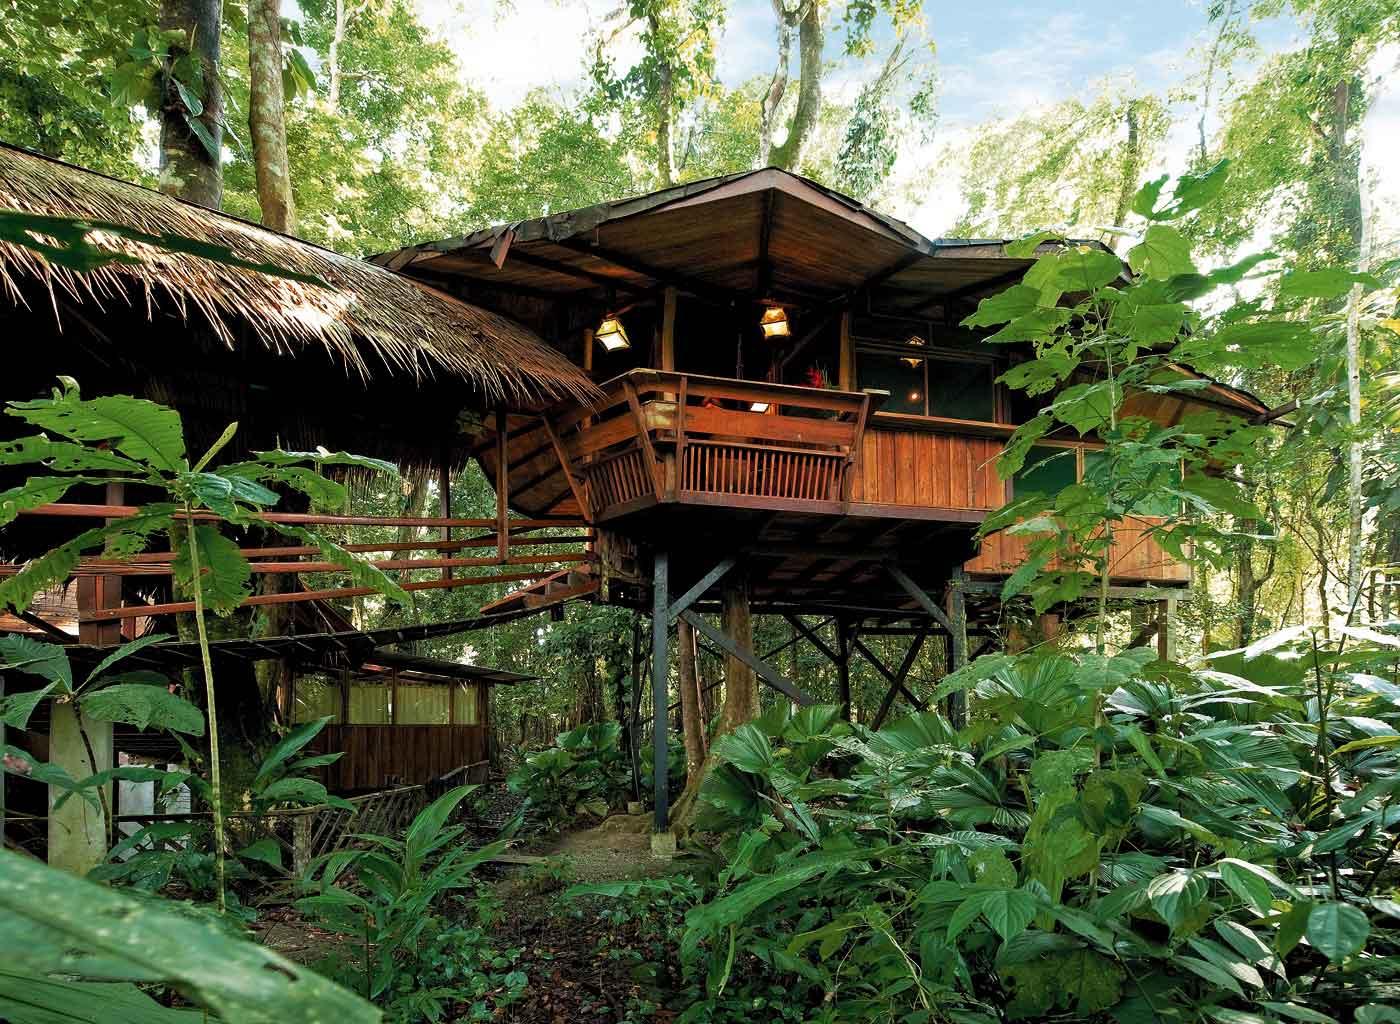 6 hotéis com hospedagens em árvores